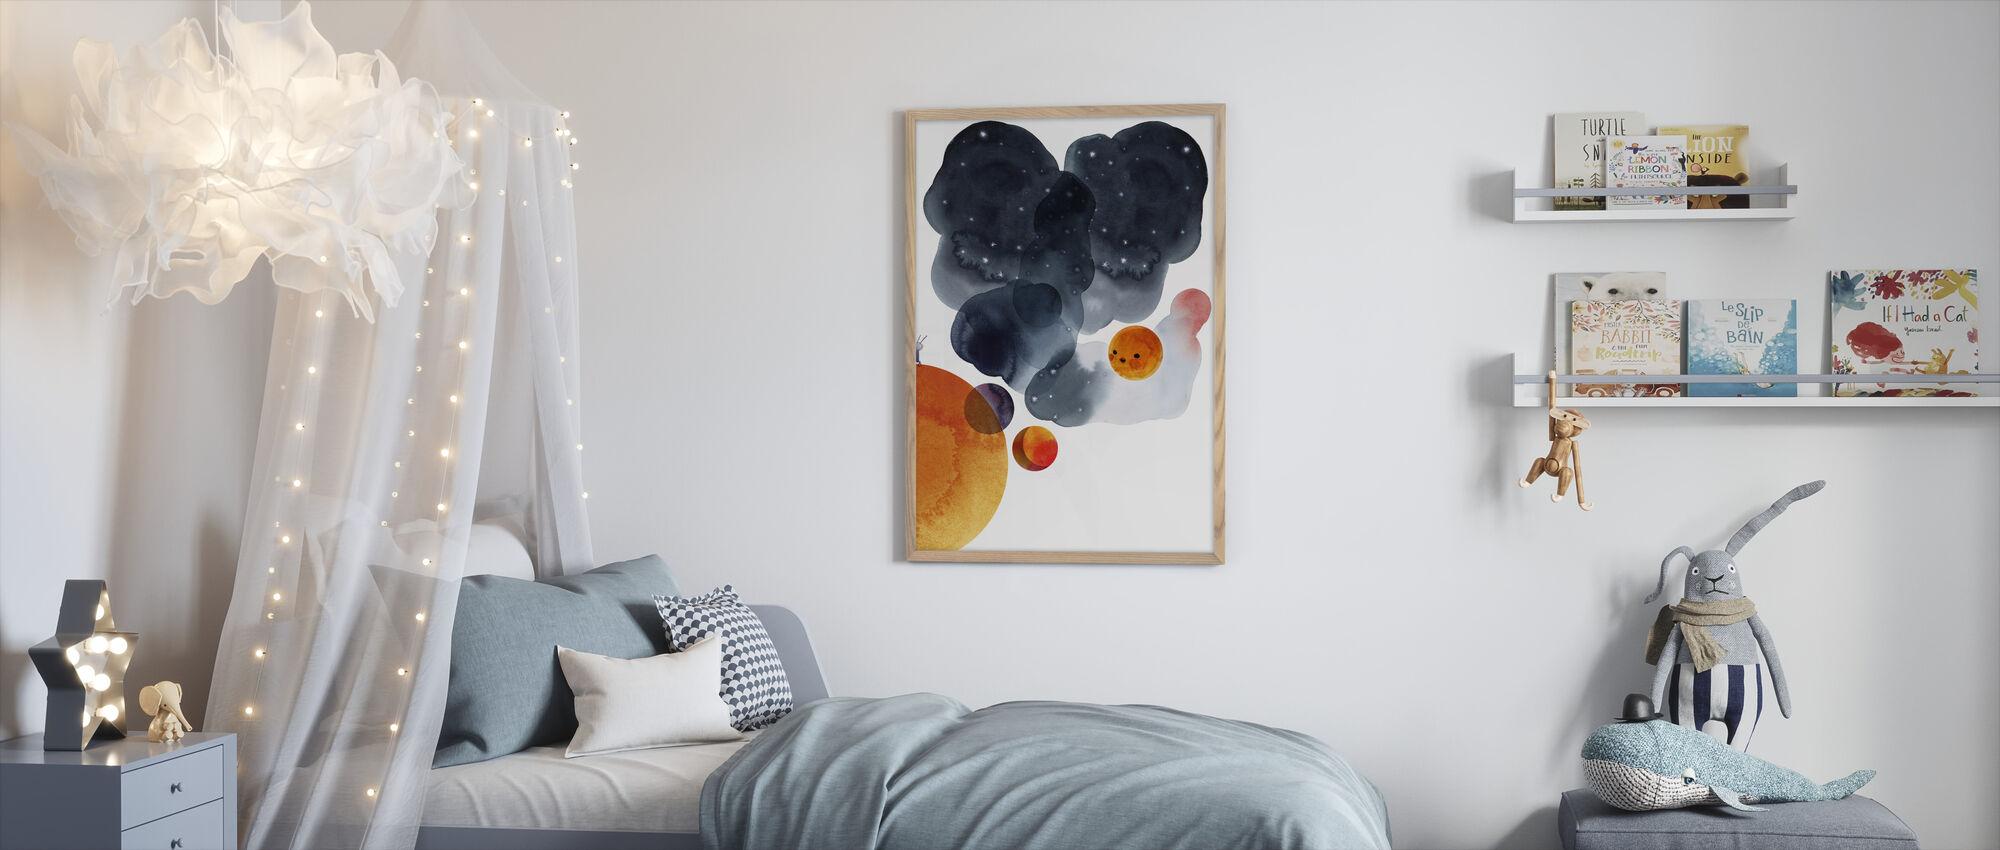 Water Color Space II - Framed print - Kids Room